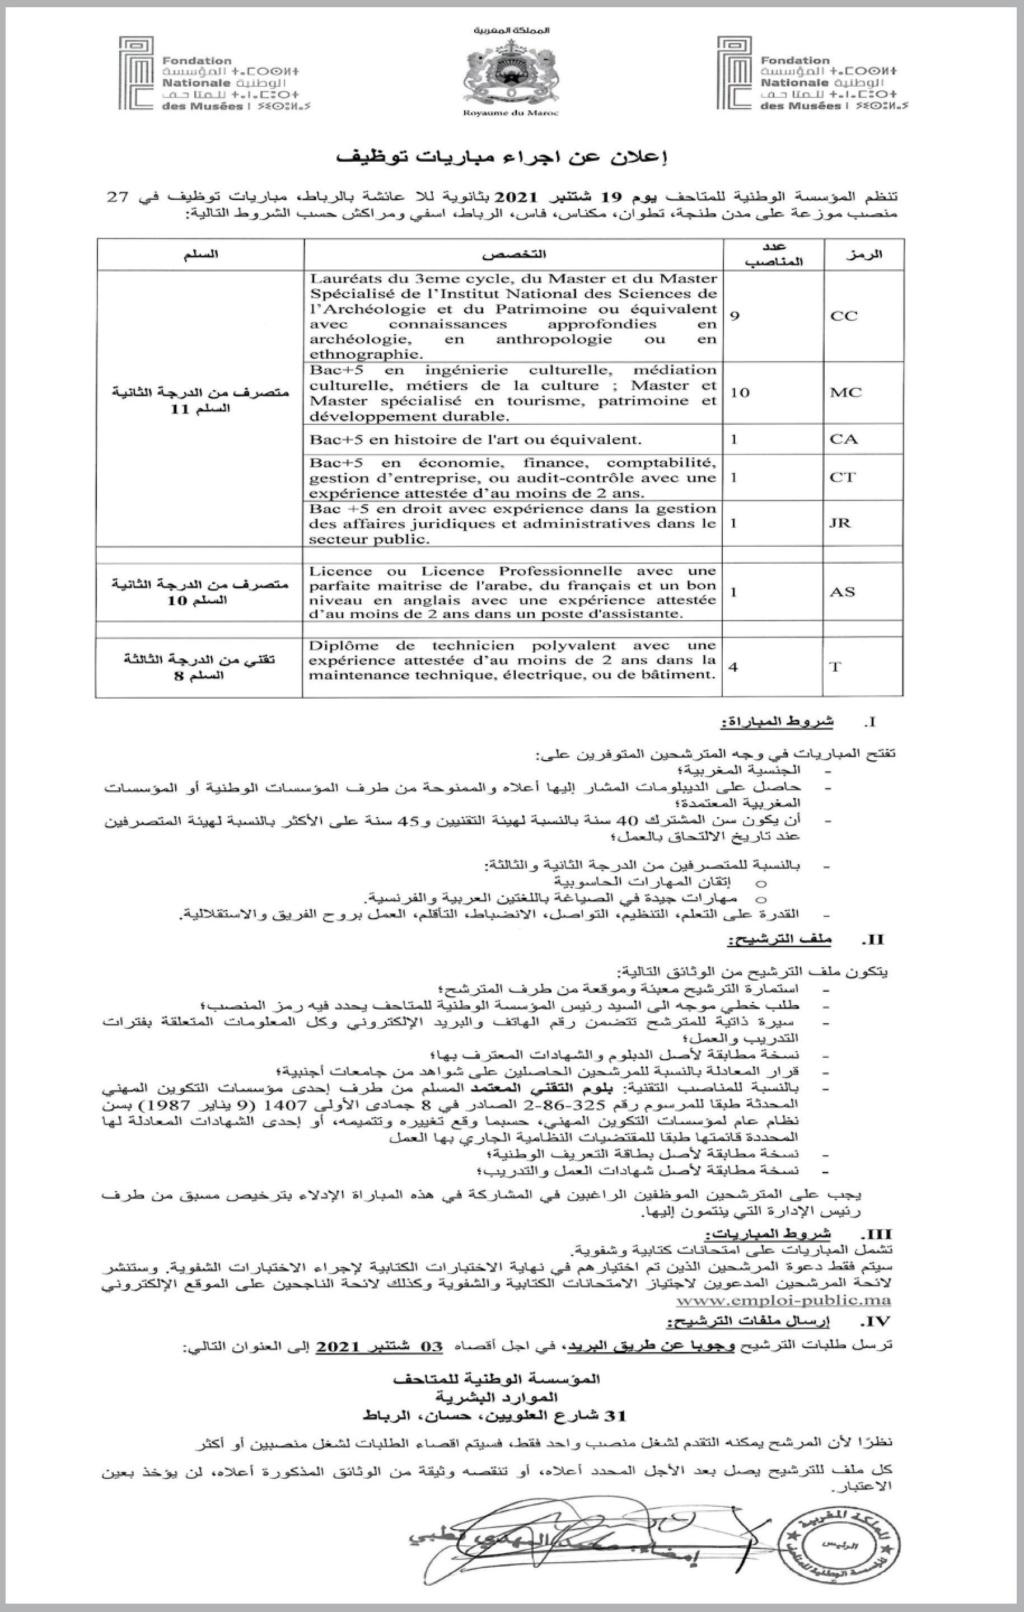 المؤسسة الوطنية للمتاحف مباريات توظيف في 27 منصب موزعة على عدة مدن آخر أجل لإيداع الترشيحات 3 شتنبر 2021 Mata7i10